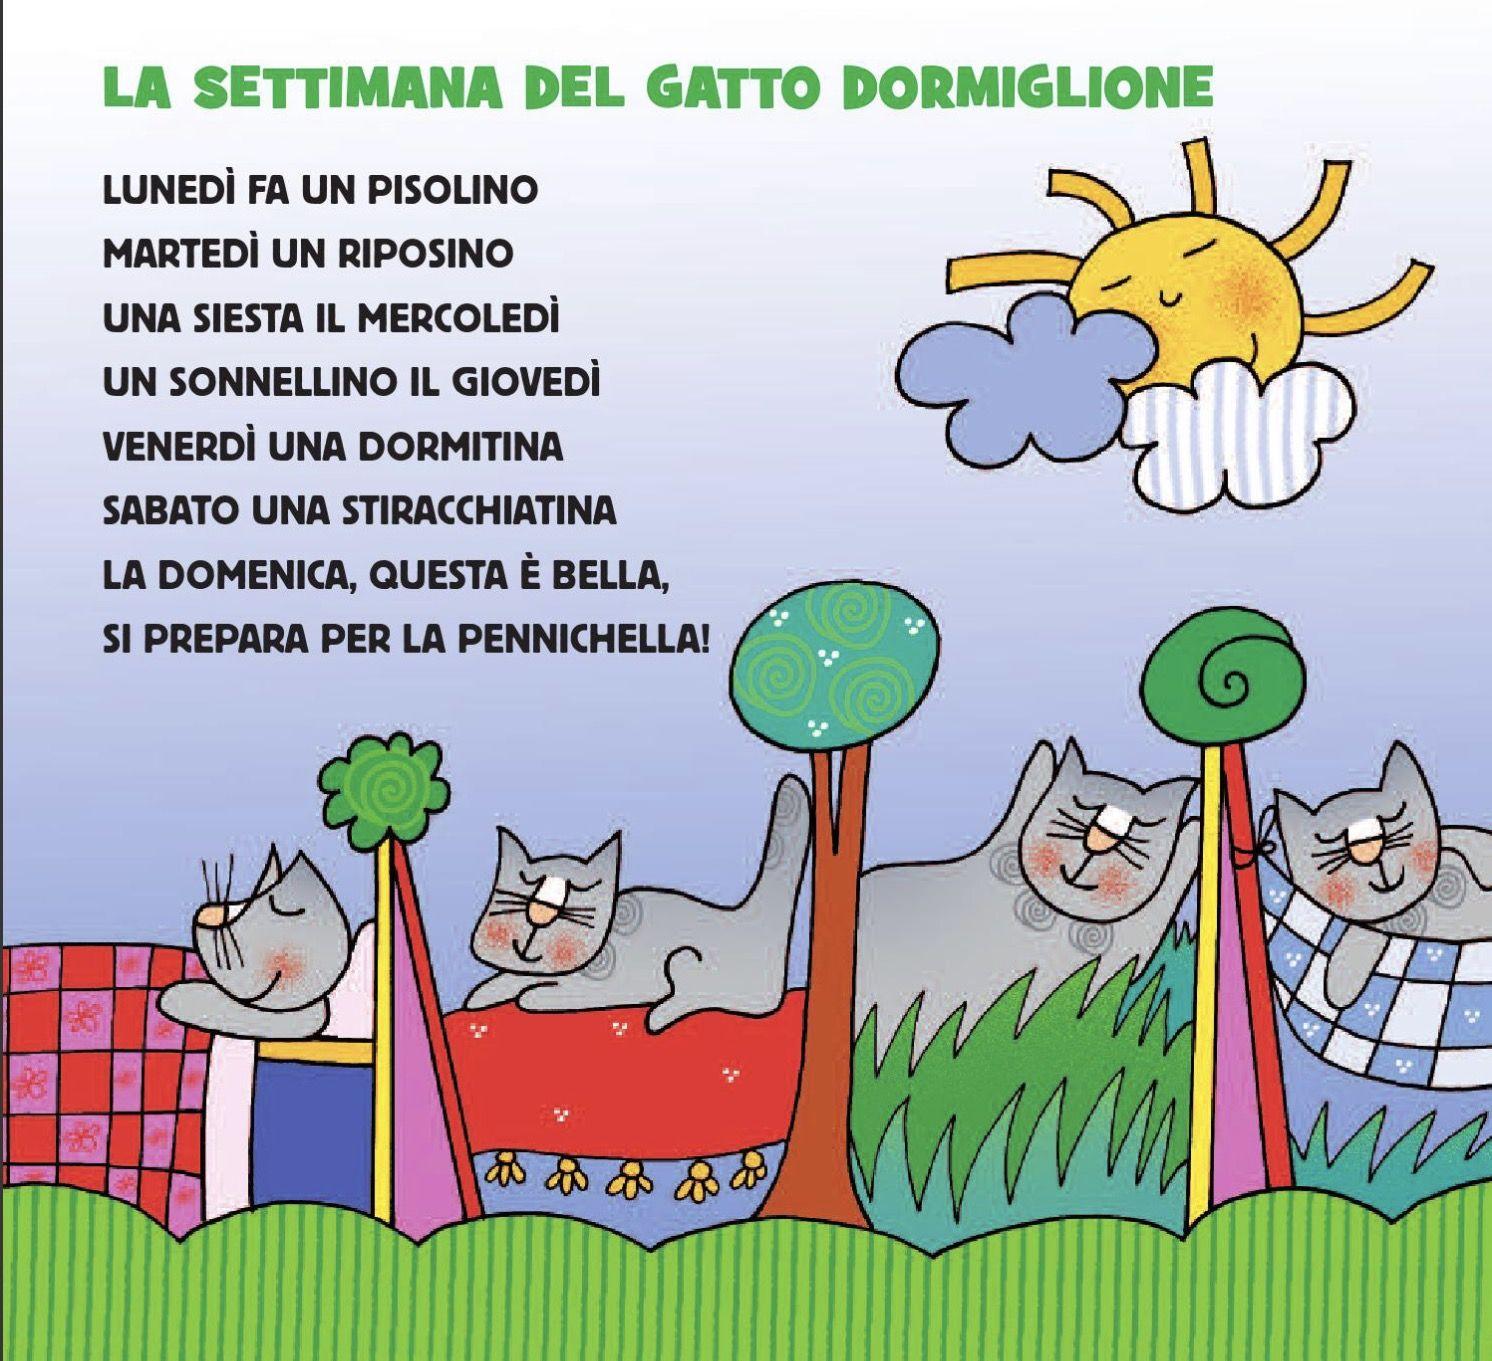 Calendario Eta Gatti.Filastrocca Della Settimana Del Gatto Dormiglione Italiano